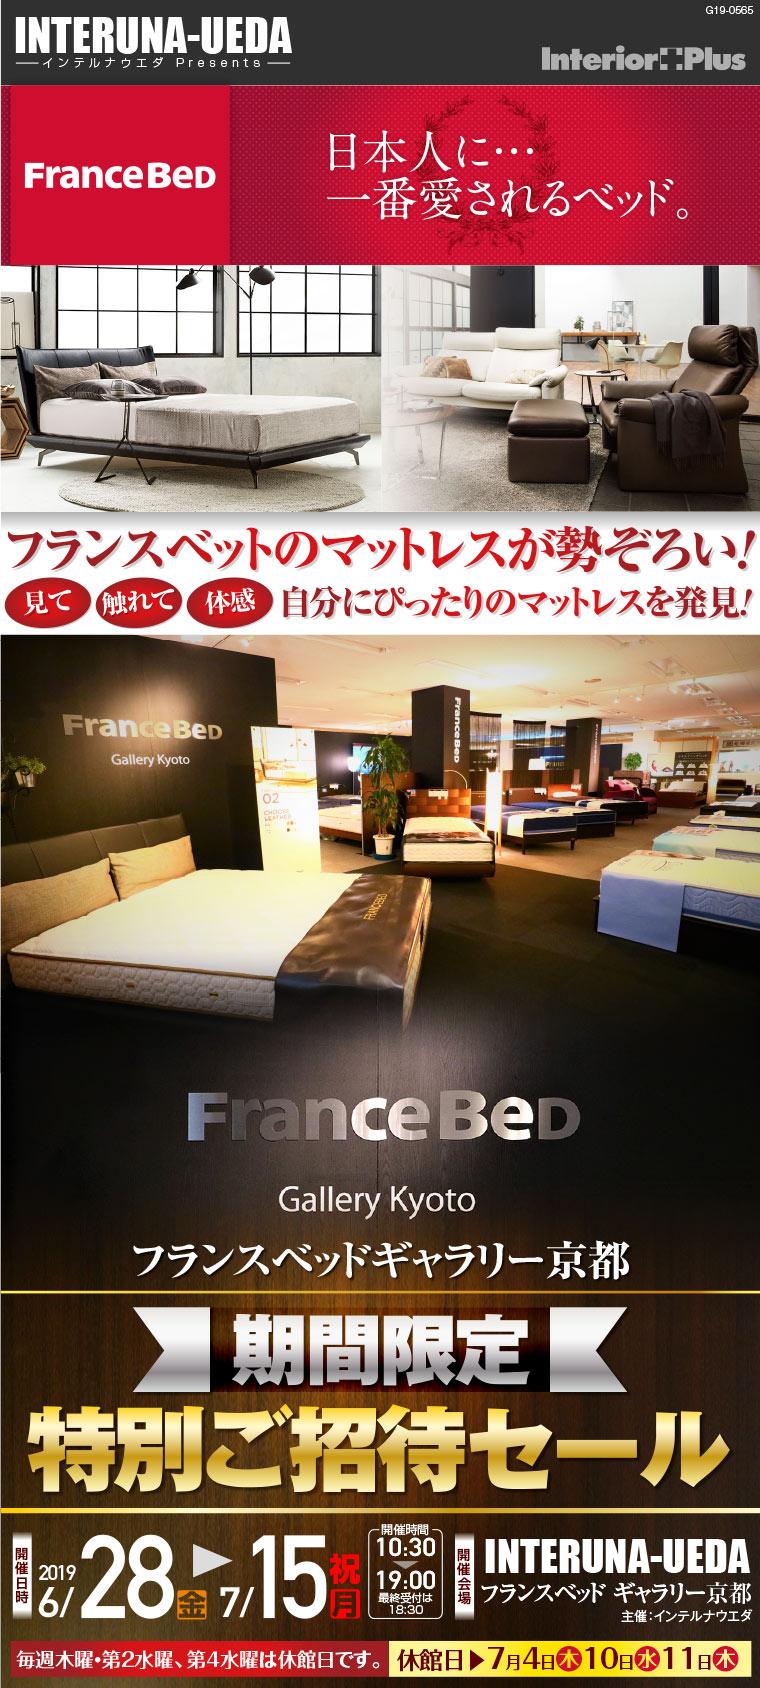 フランスベットギャラリー京都 期間限定 特別ご招待セール